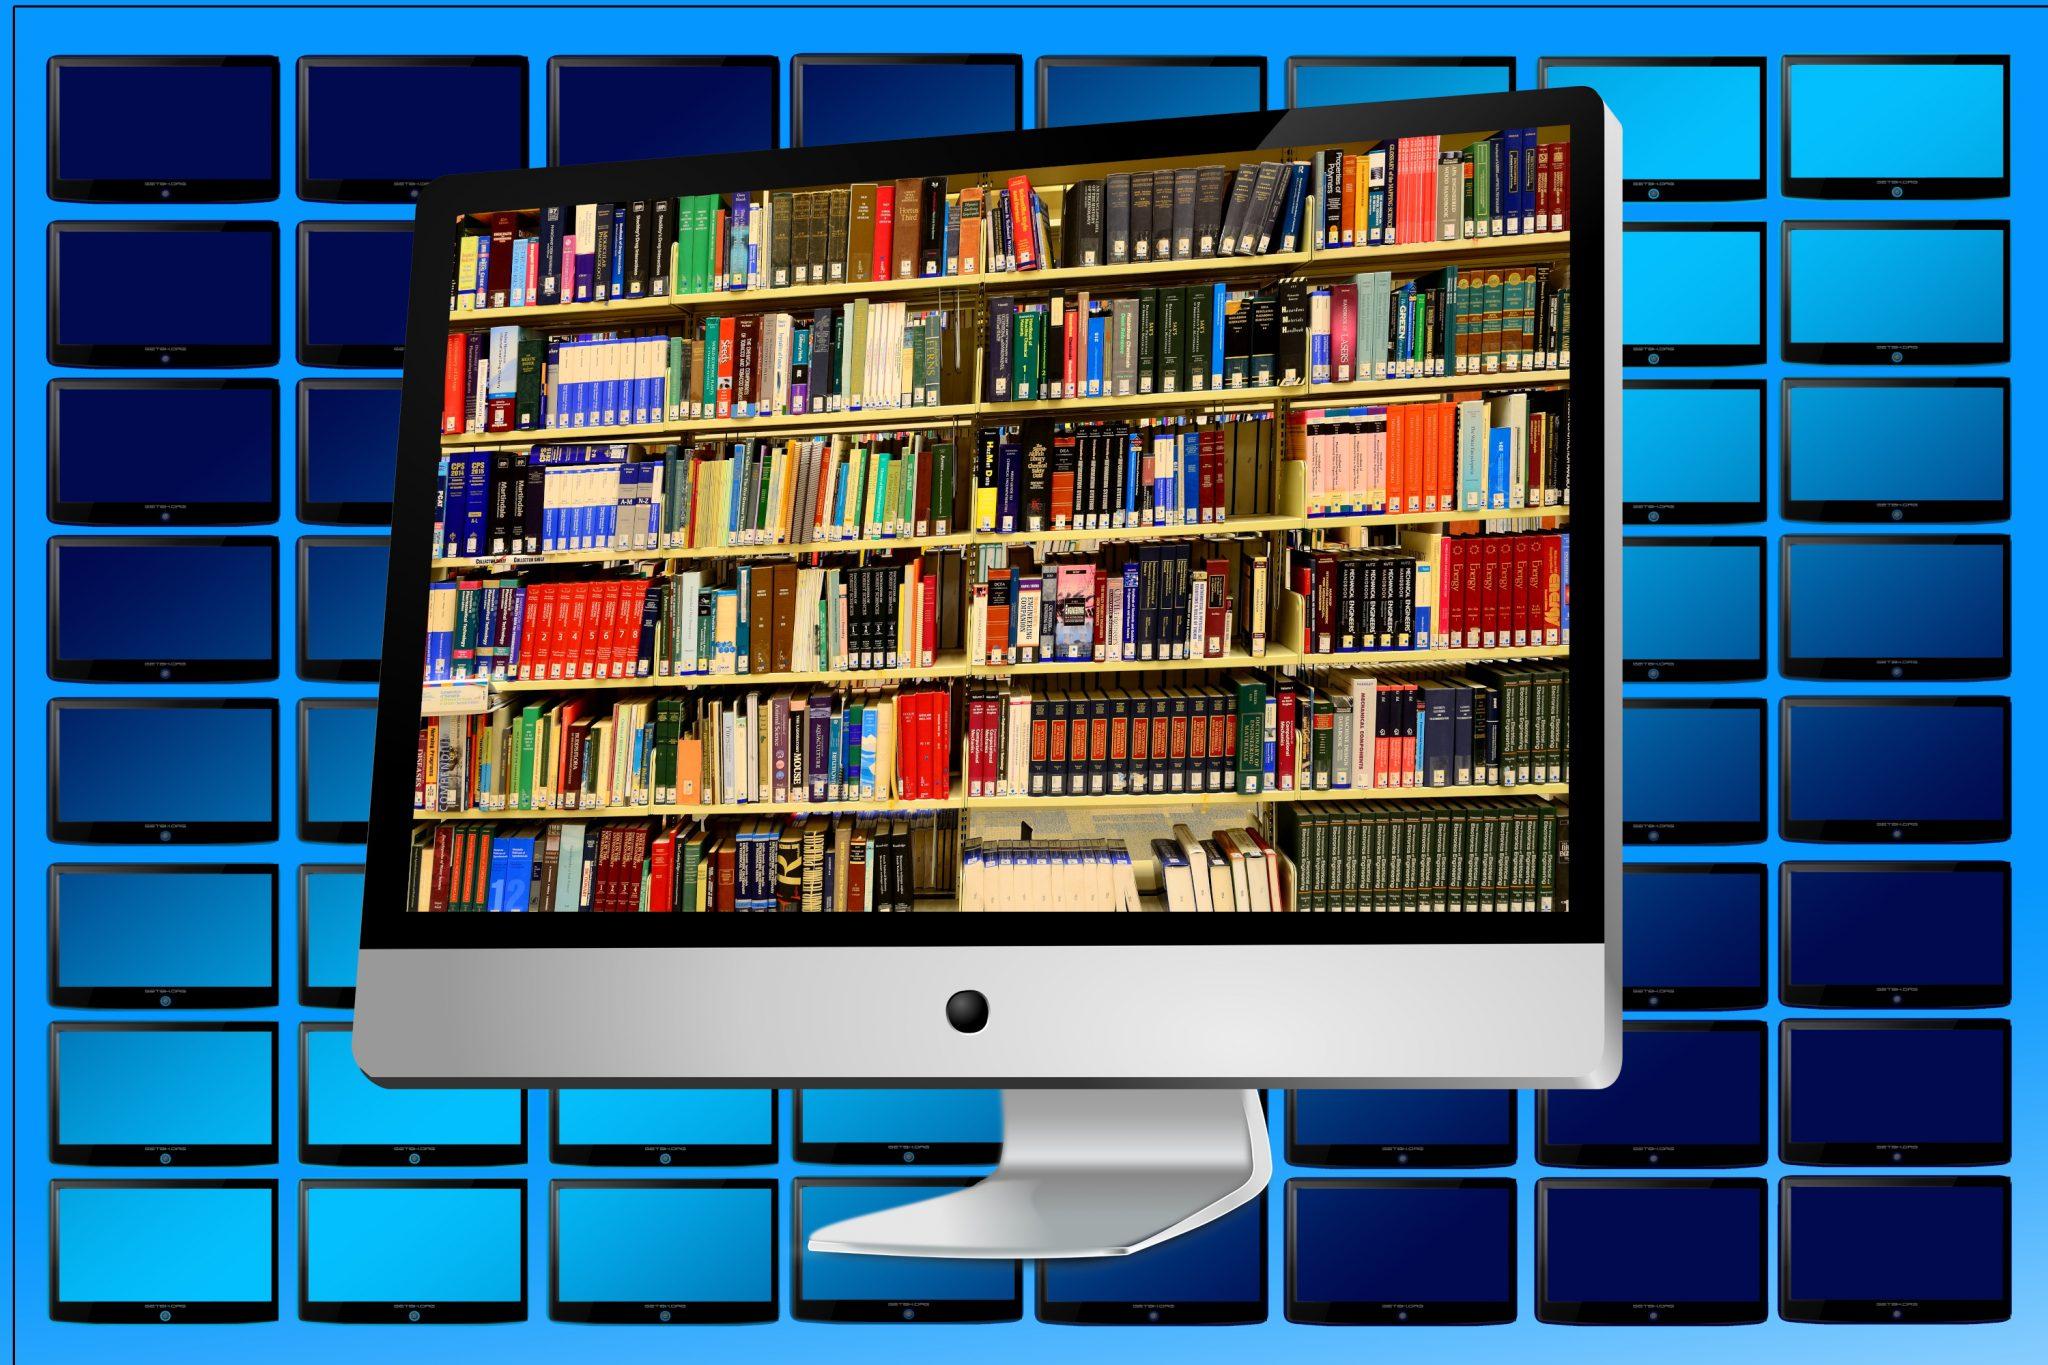 Suchen Sie noch oder digitalisieren Sie schon?